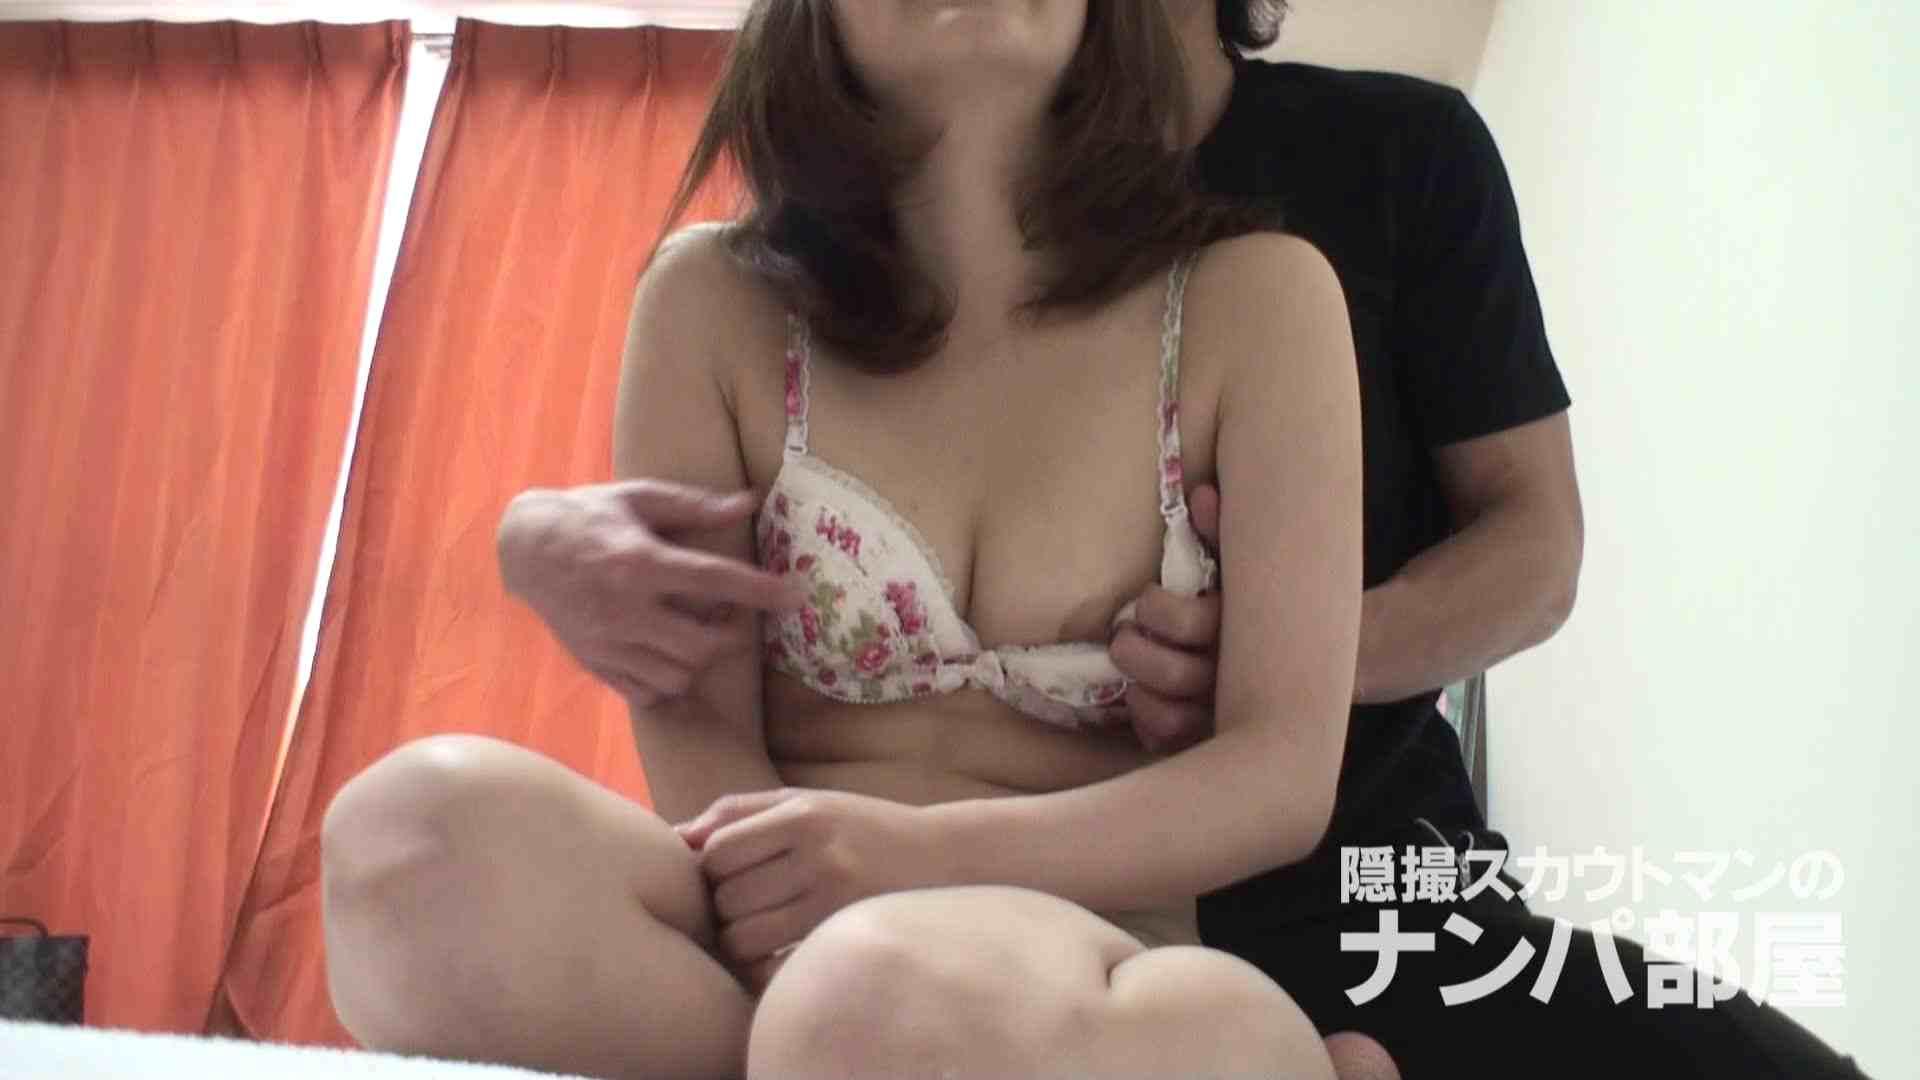 隠撮スカウトマンのナンパ部屋~風俗デビュー前のつまみ食い~ siivol.2 OL裸体 | ナンパ  58画像 41